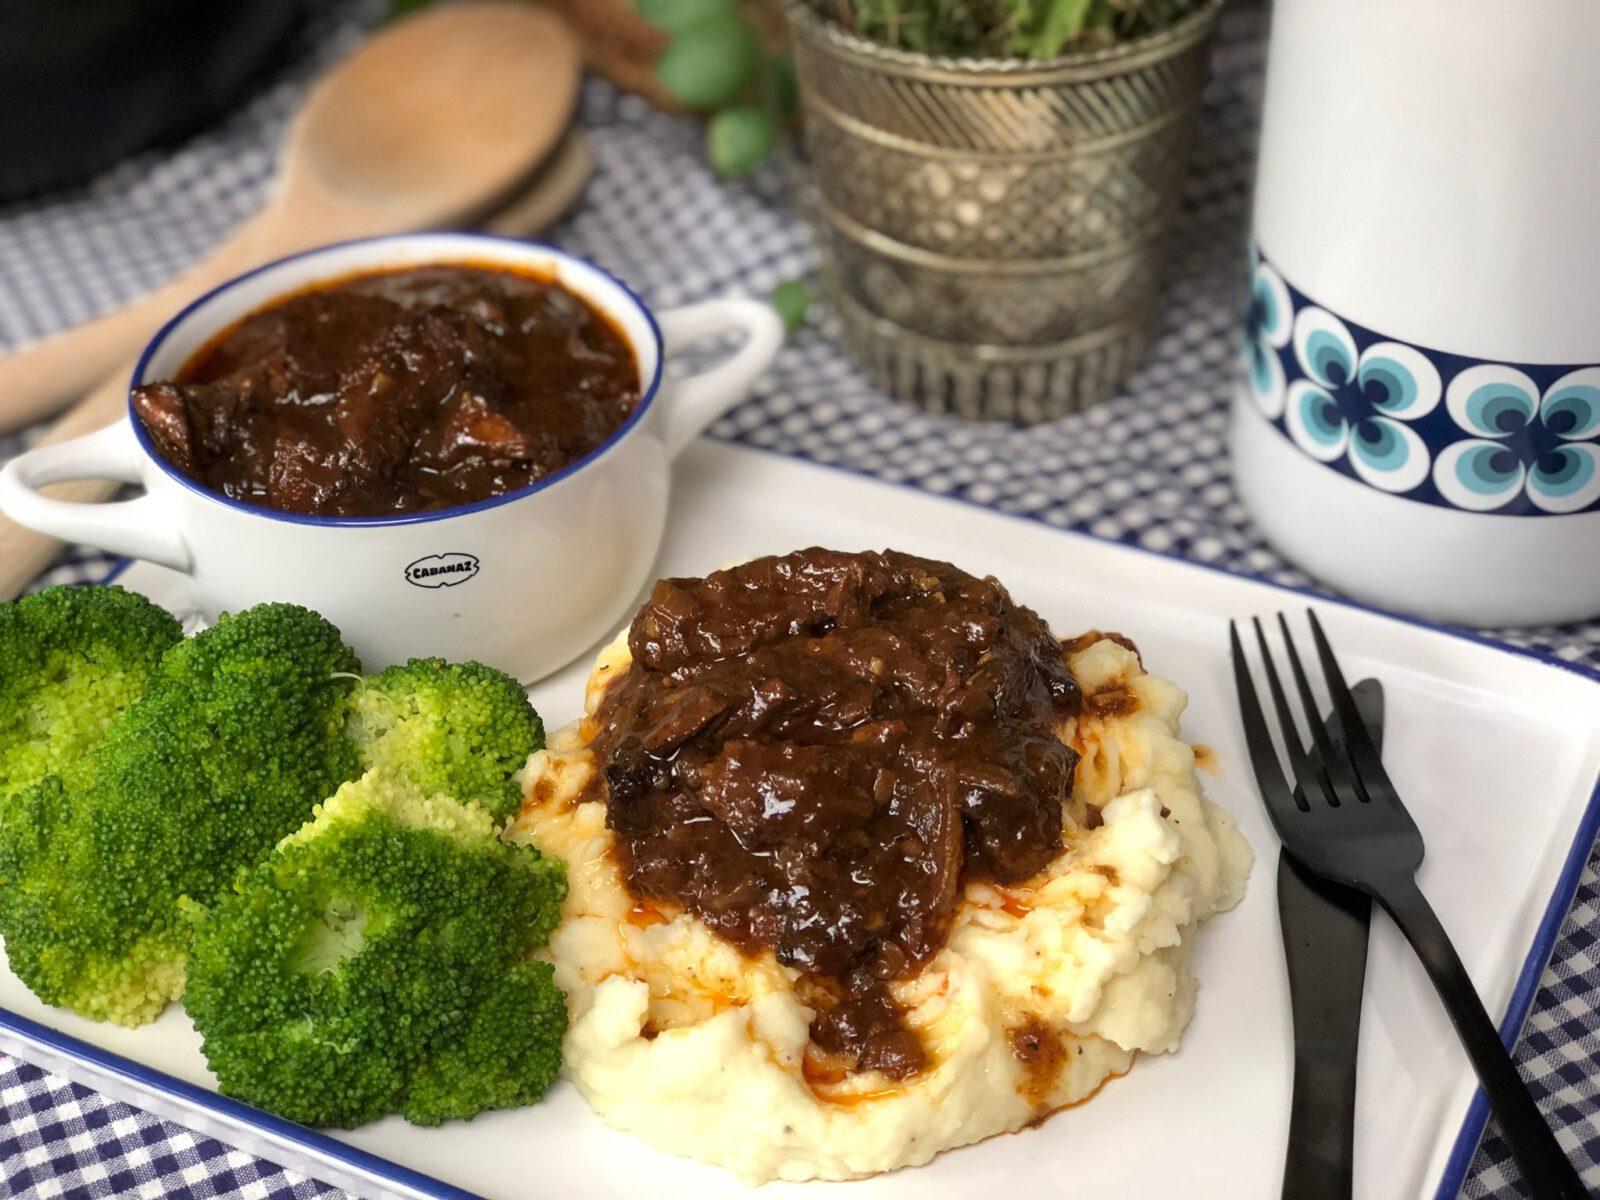 pittige hachee met aardappelpuree en broccoli